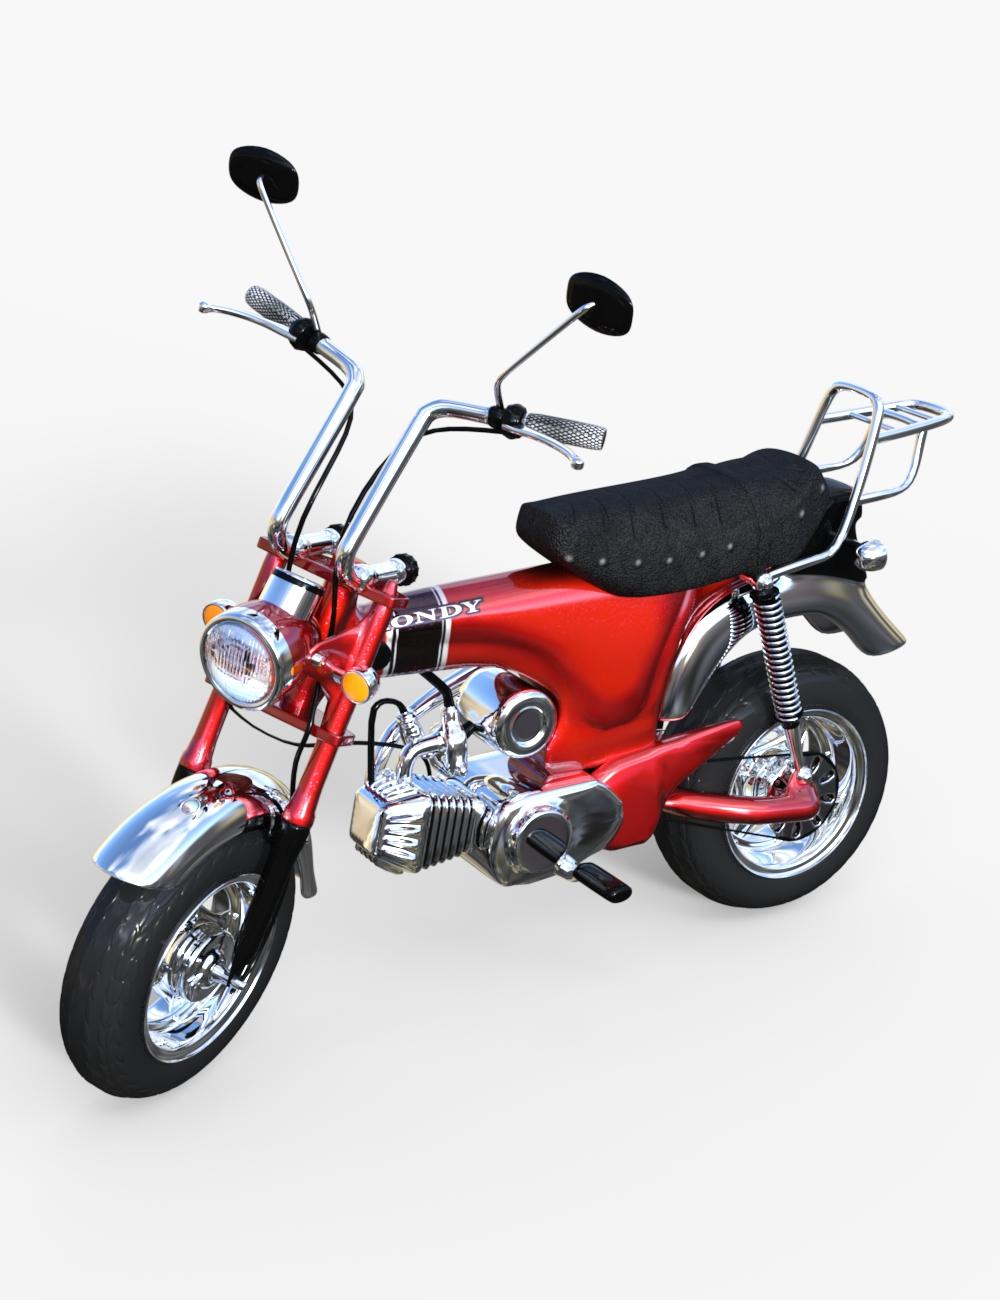 1969 Minibike by: PerspectX, 3D Models by Daz 3D